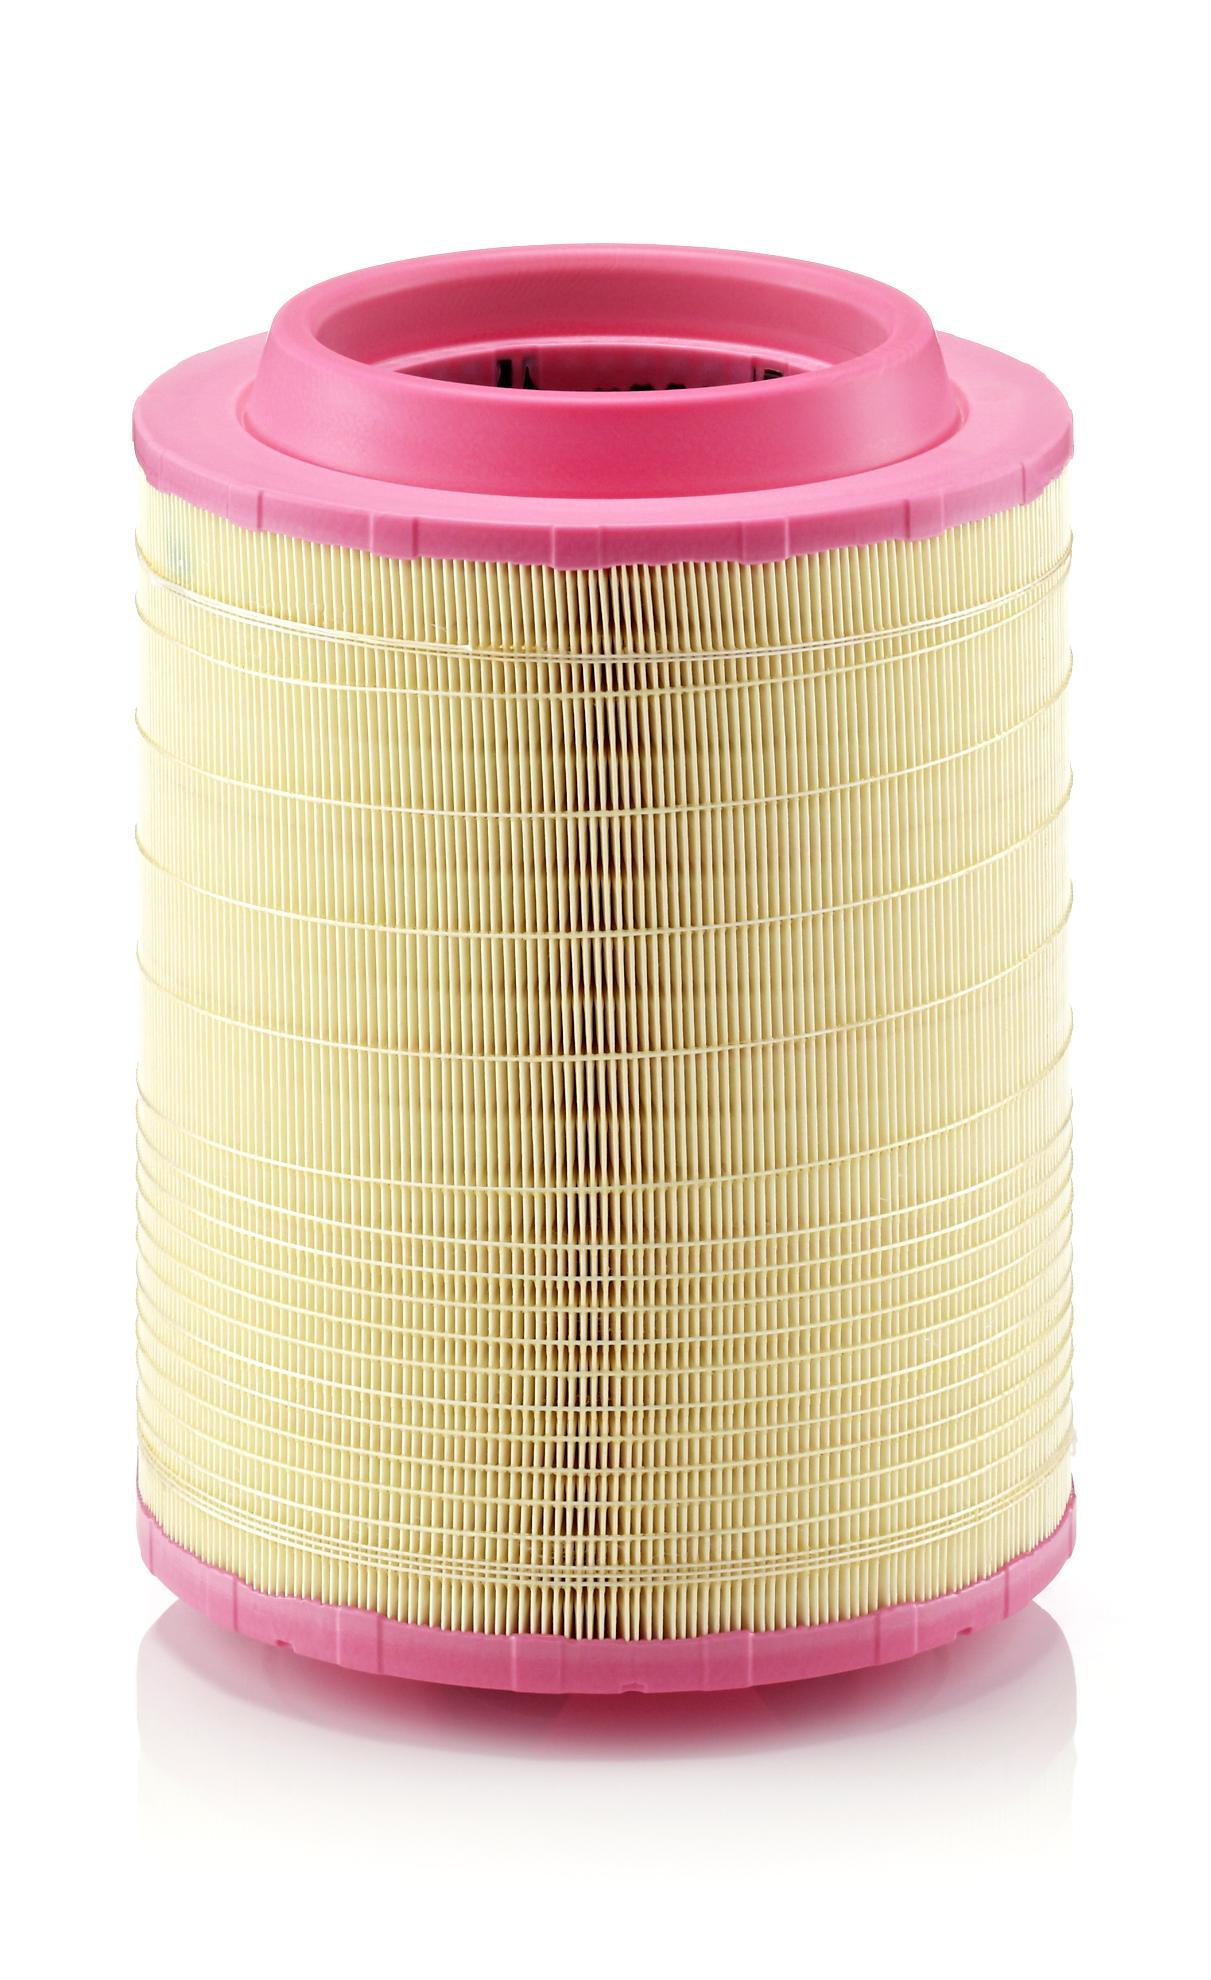 Luftfilter MANN-FILTER C 25 660/2 mit 33% Rabatt kaufen